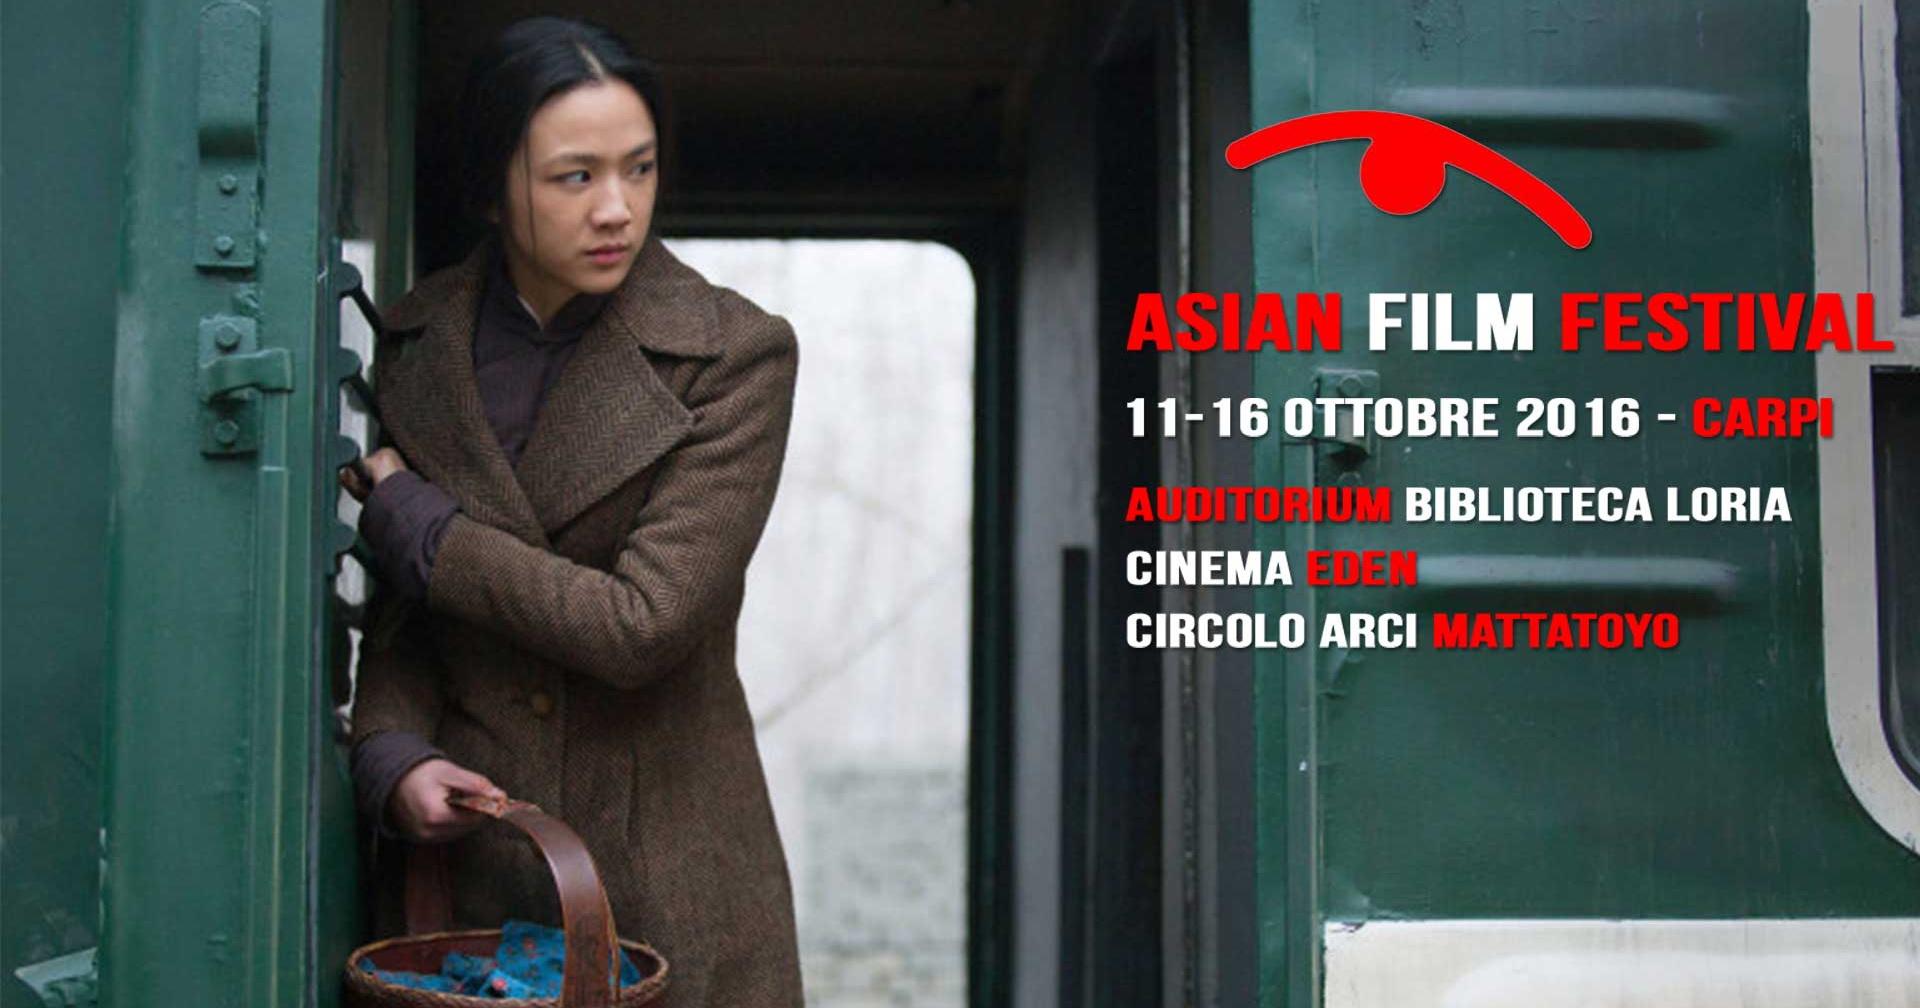 Si svolgerà per la prima volta a Carpi, da martedì 11 a domenica 16 ottobre 2016, la 13° edizione dell'Asian Film Festival, la manifestazione dedicata al cinema d'autore dell'estremo Oriente. […]